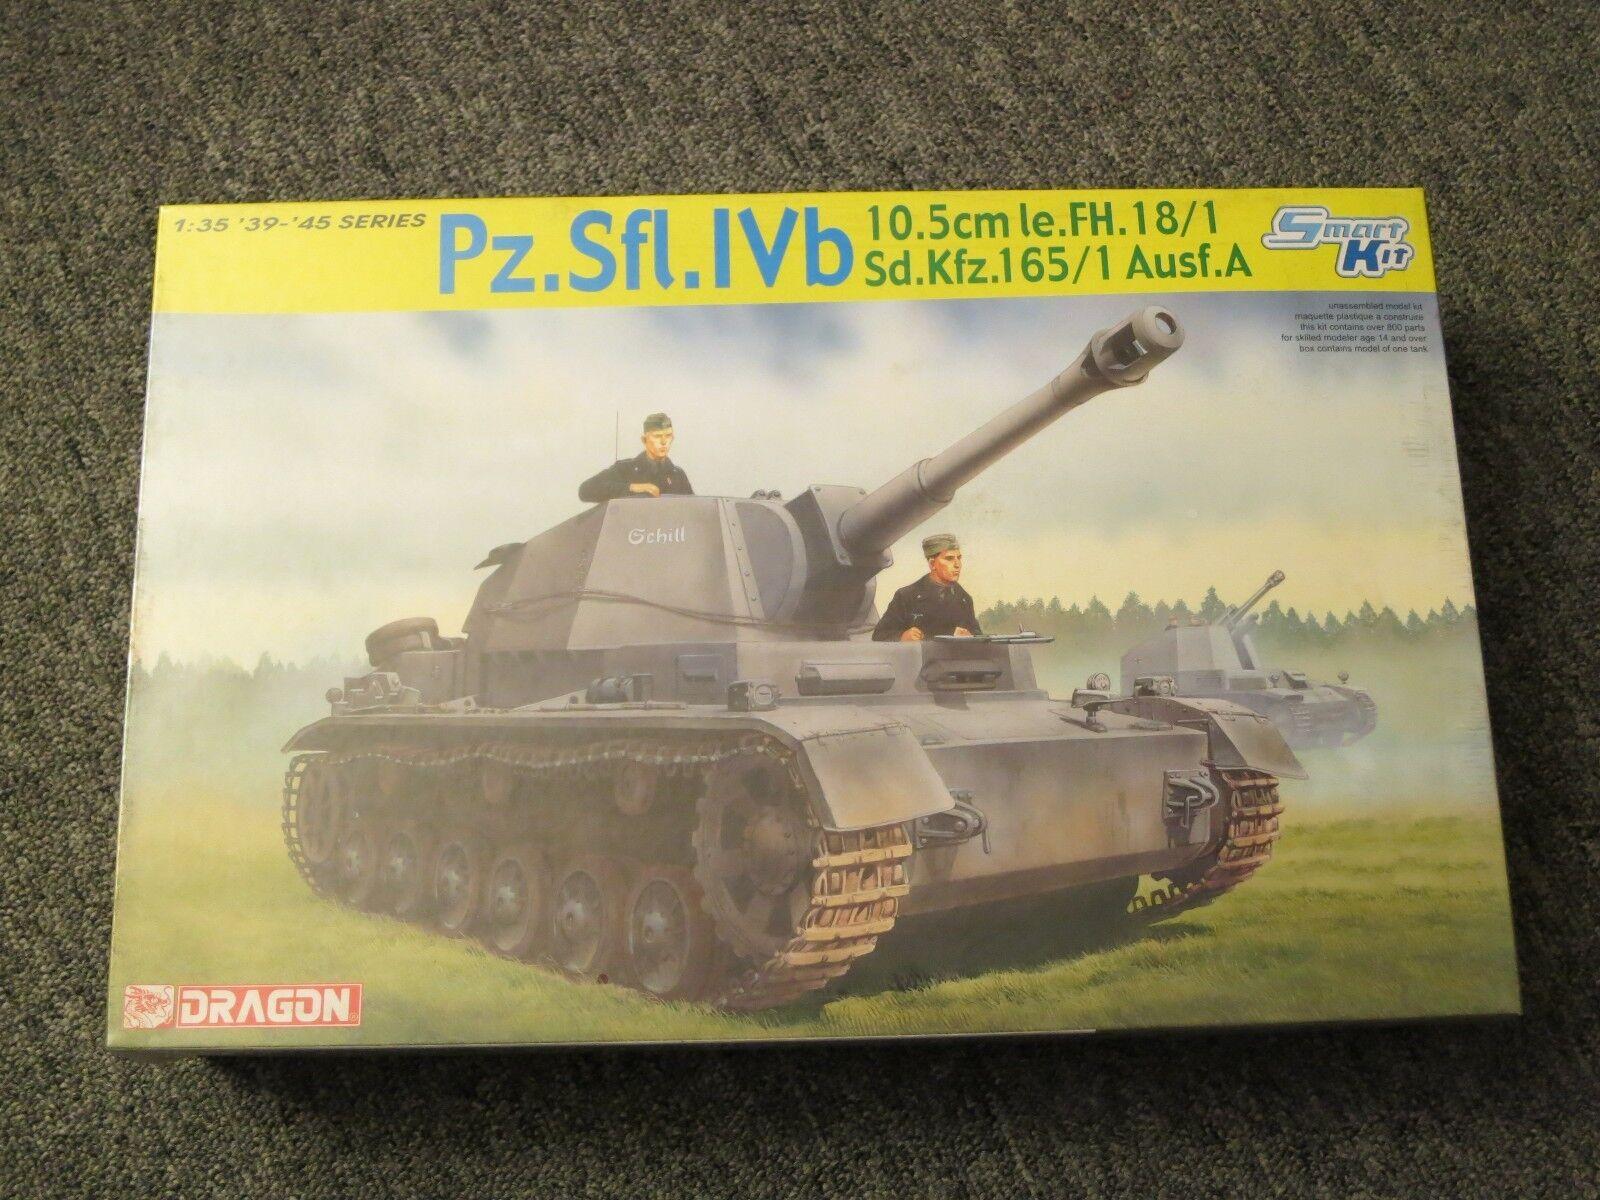 DRAGON 1 35 Pz.Sfl.IVb 10.5cm le.FH.18 1 Sd.Kfz.165 1 Ausf.A  Model Kit